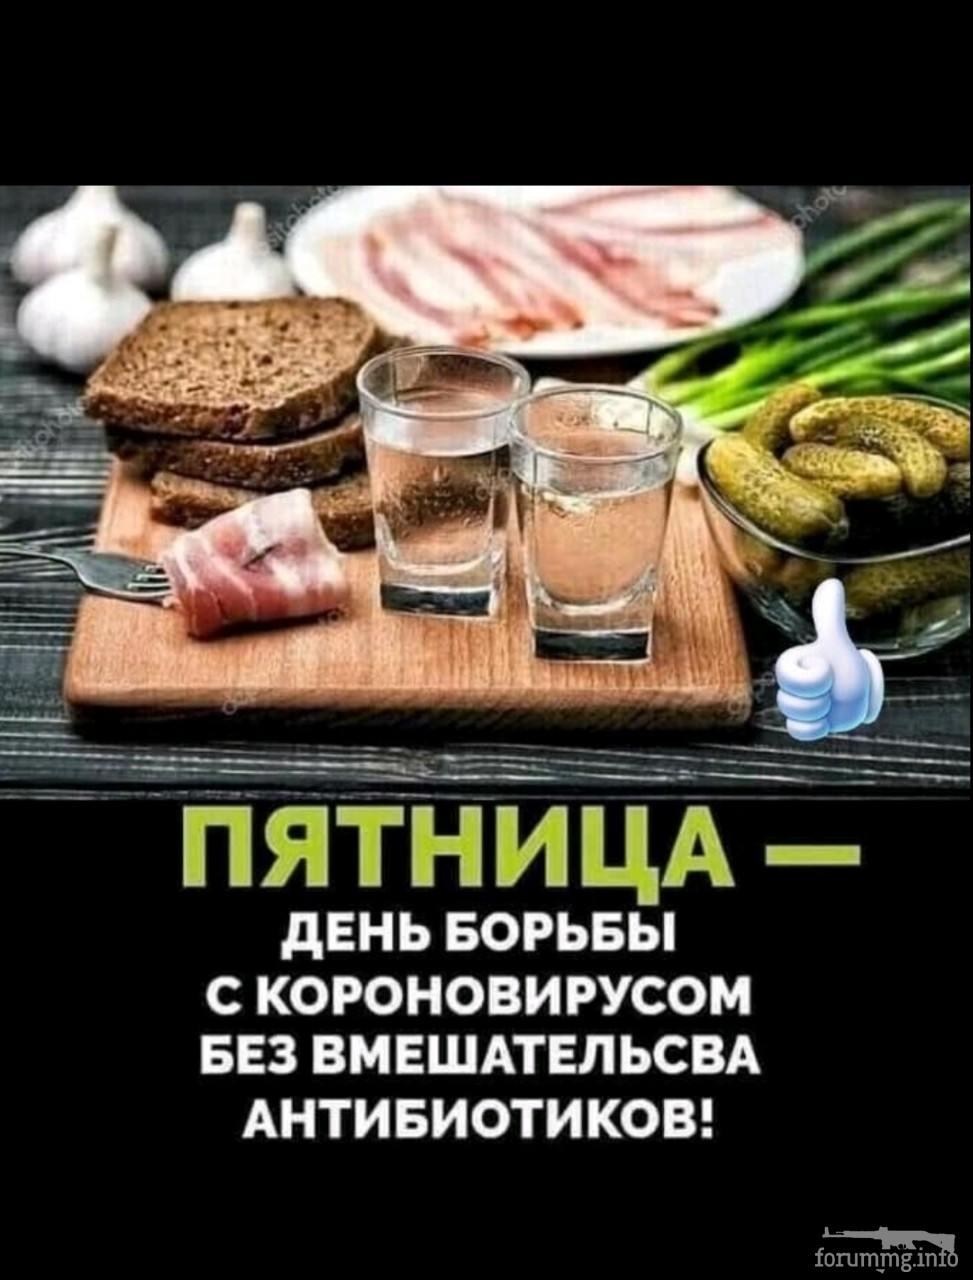 133750 - Пить или не пить? - пятничная алкогольная тема )))